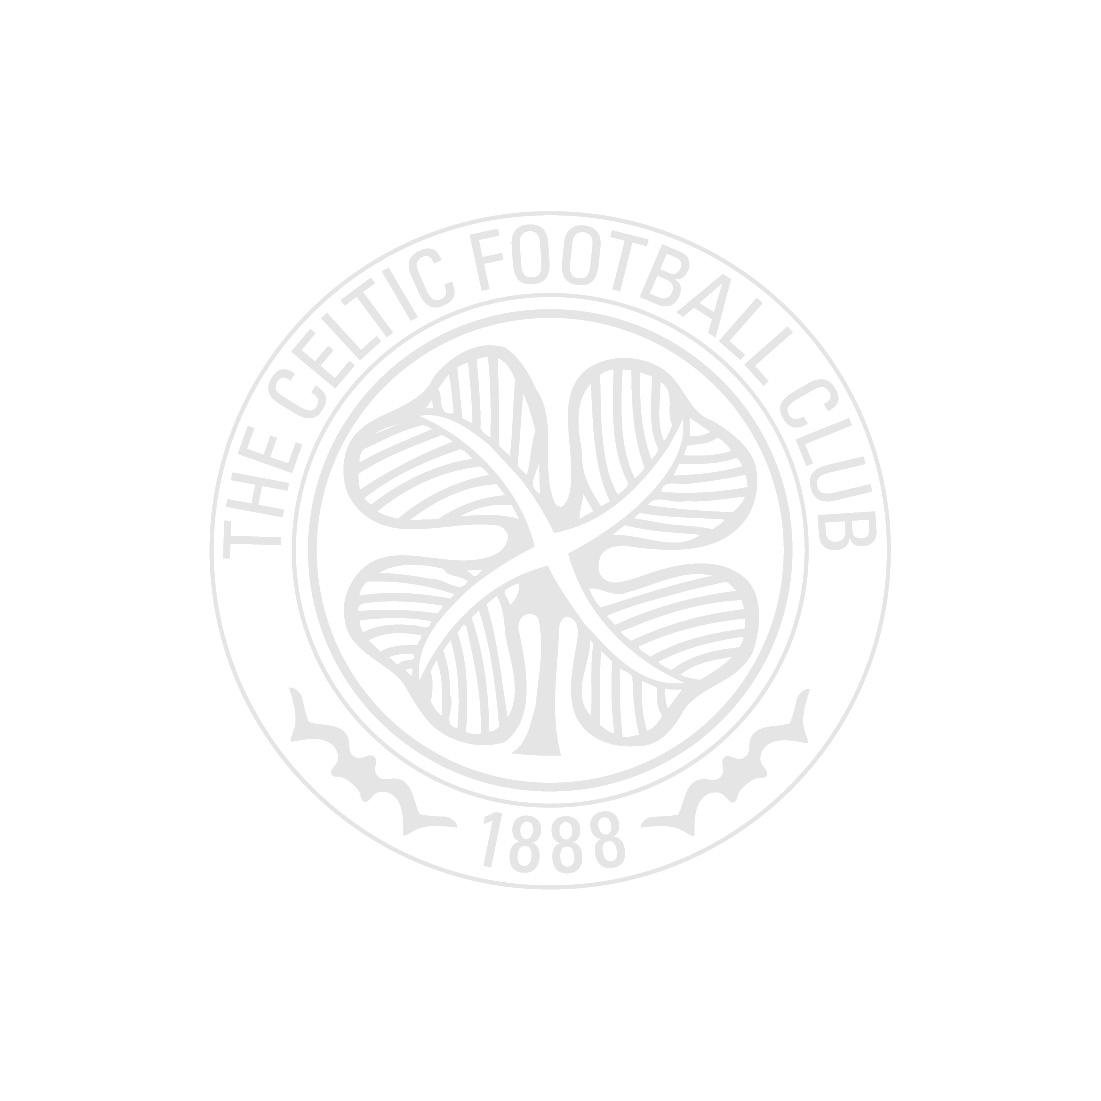 Celtic 1988 Centenary Retro Home Kit Mug